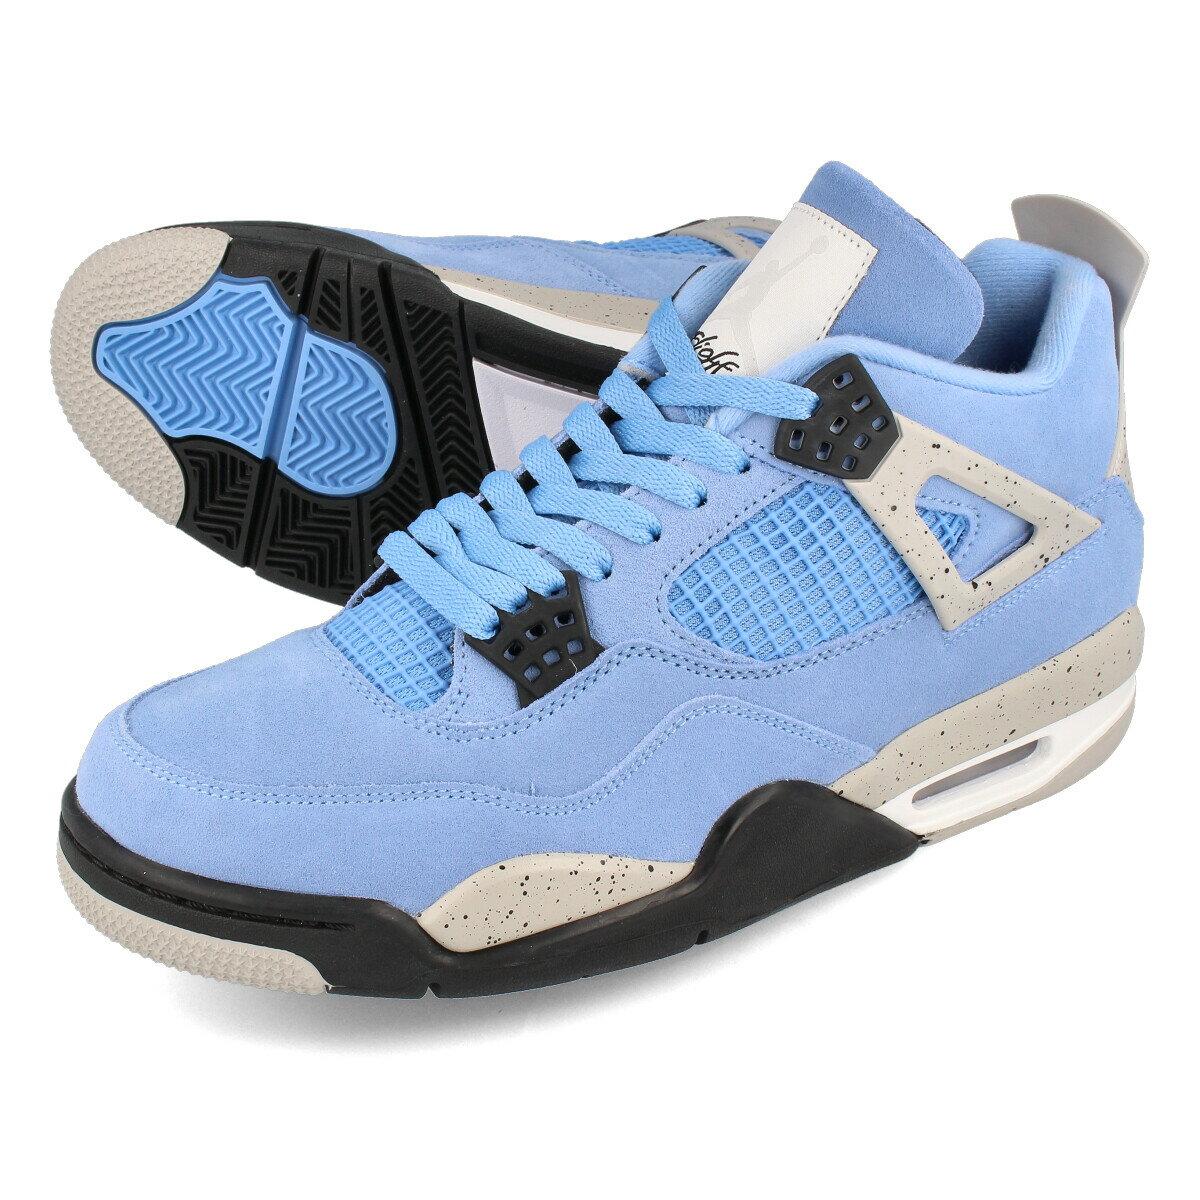 メンズ靴, スニーカー  NIKE AIR JORDAN 4 RETRO 4 UNIVERSITY BLUETECH GREYWHITEBLACK ct8527-400